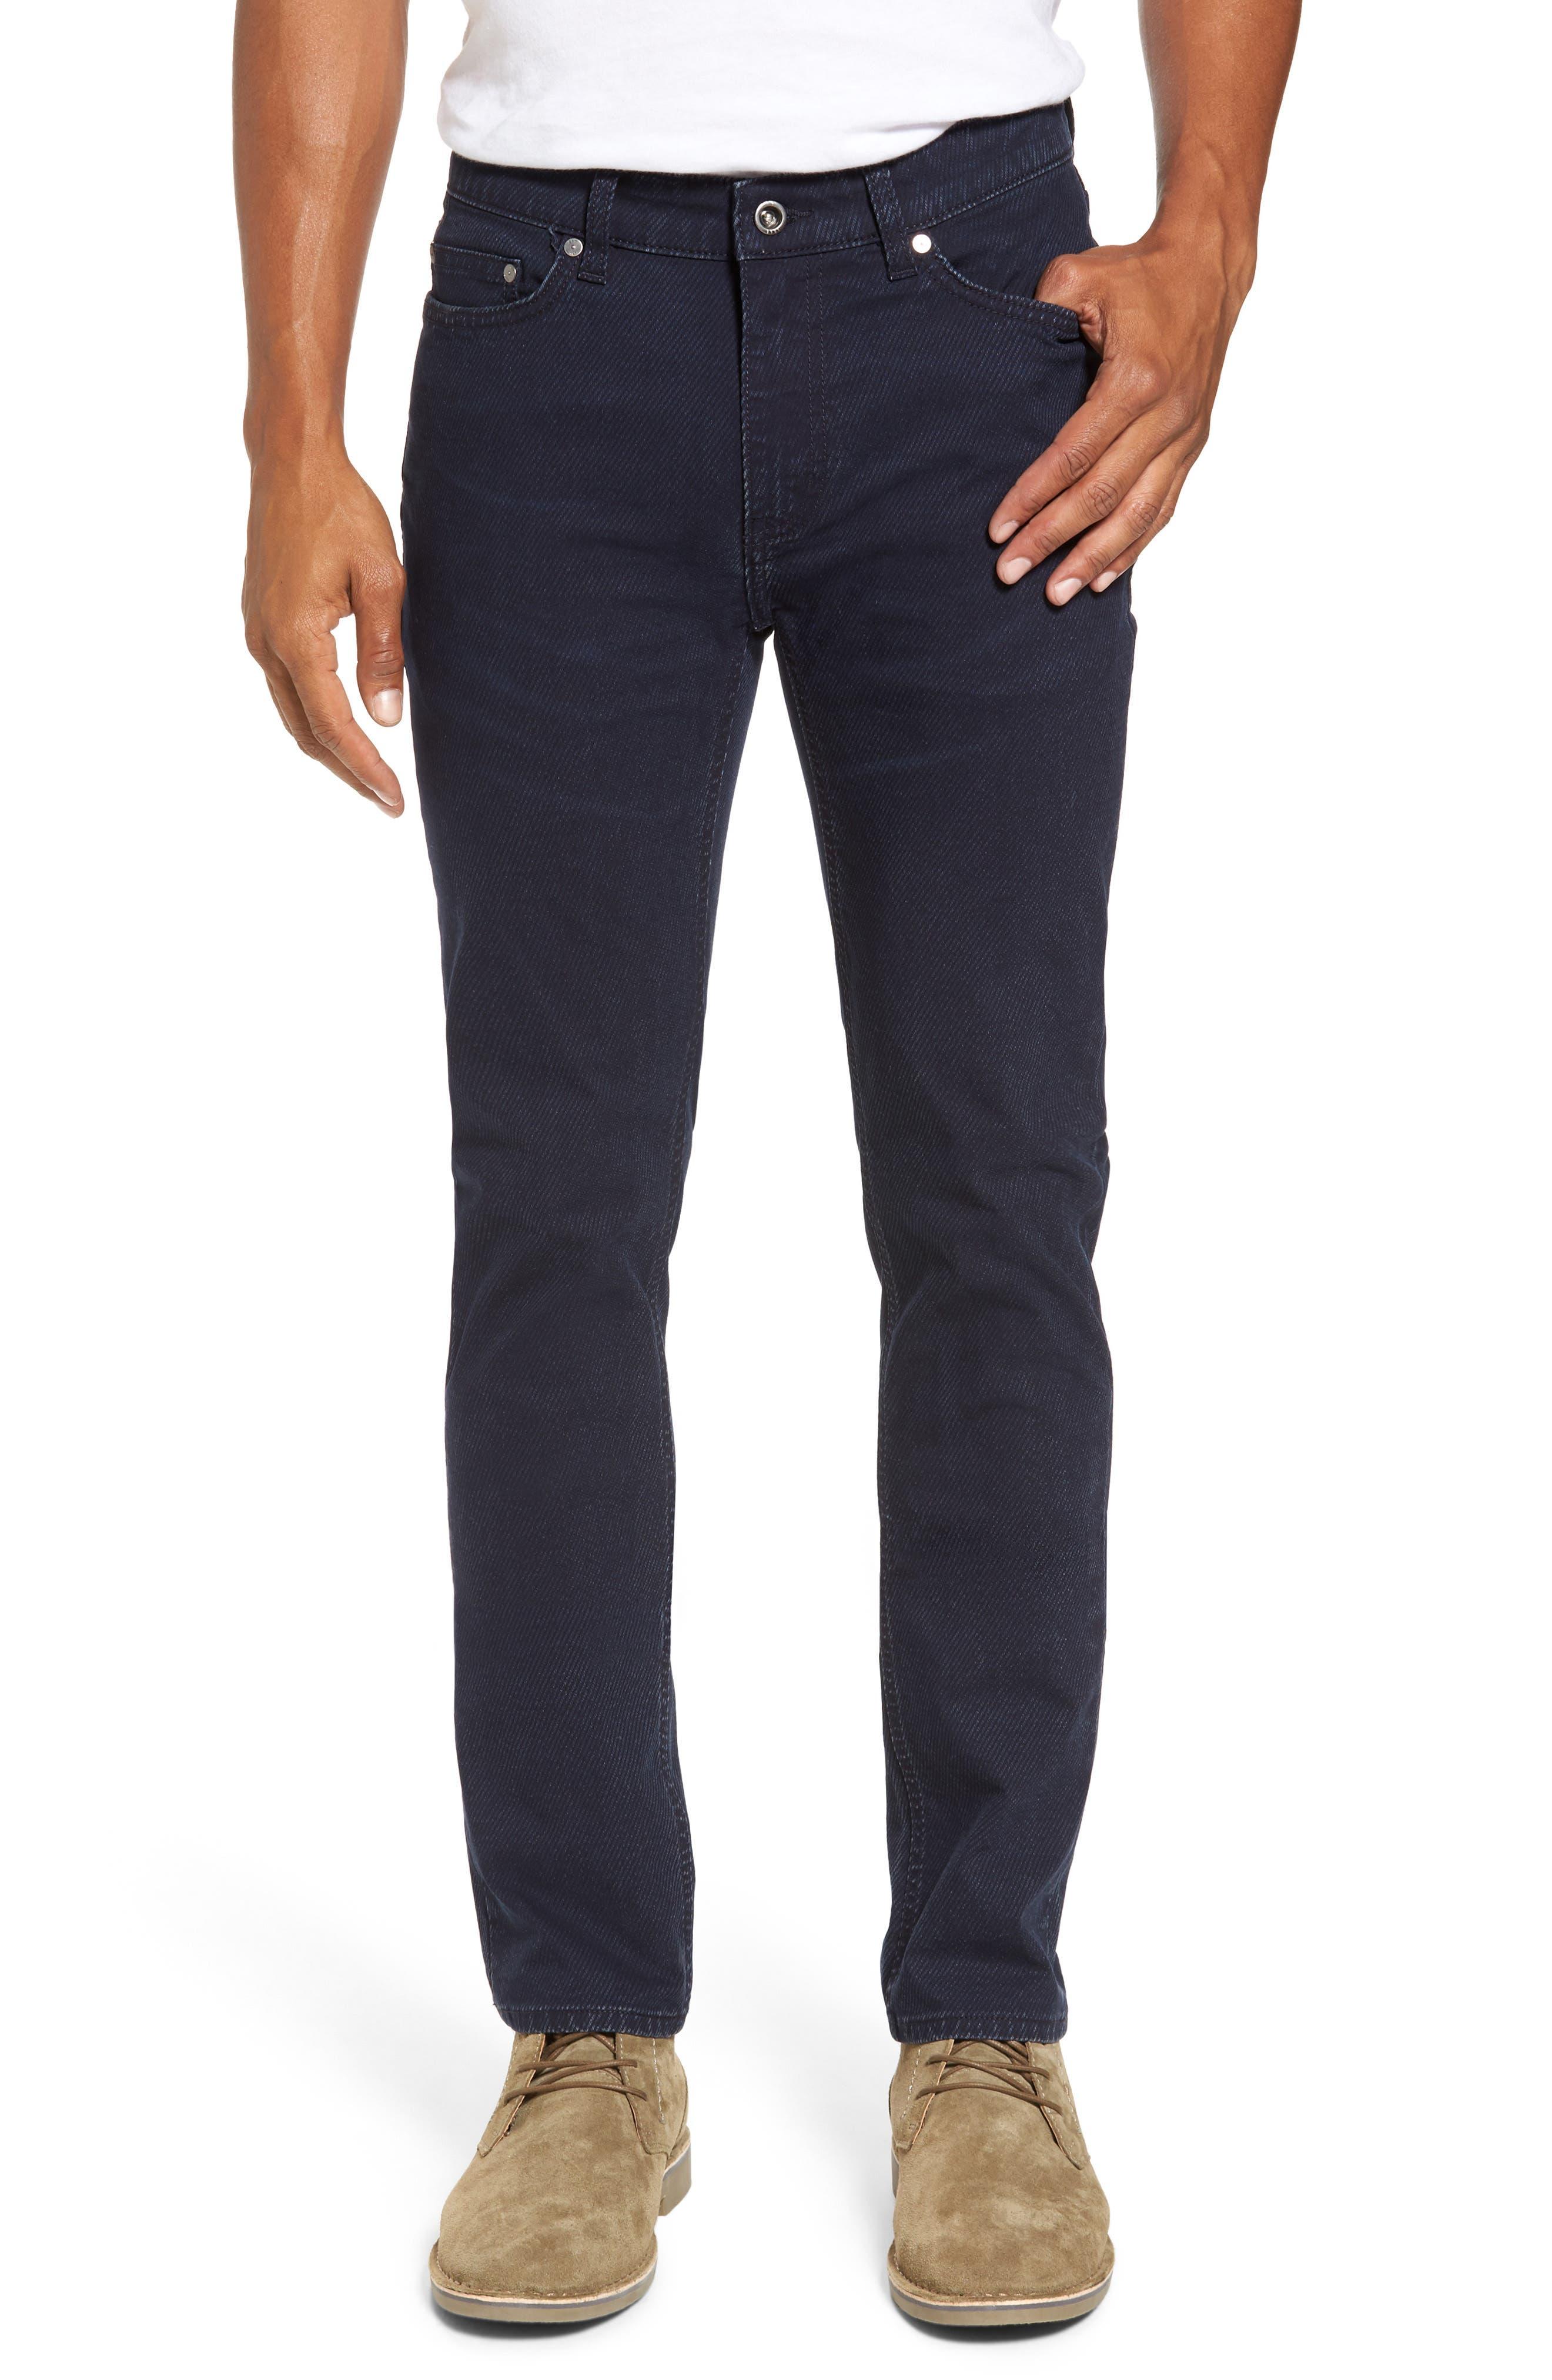 Rodd & Gunn Palmwood Slim Fit Jeans